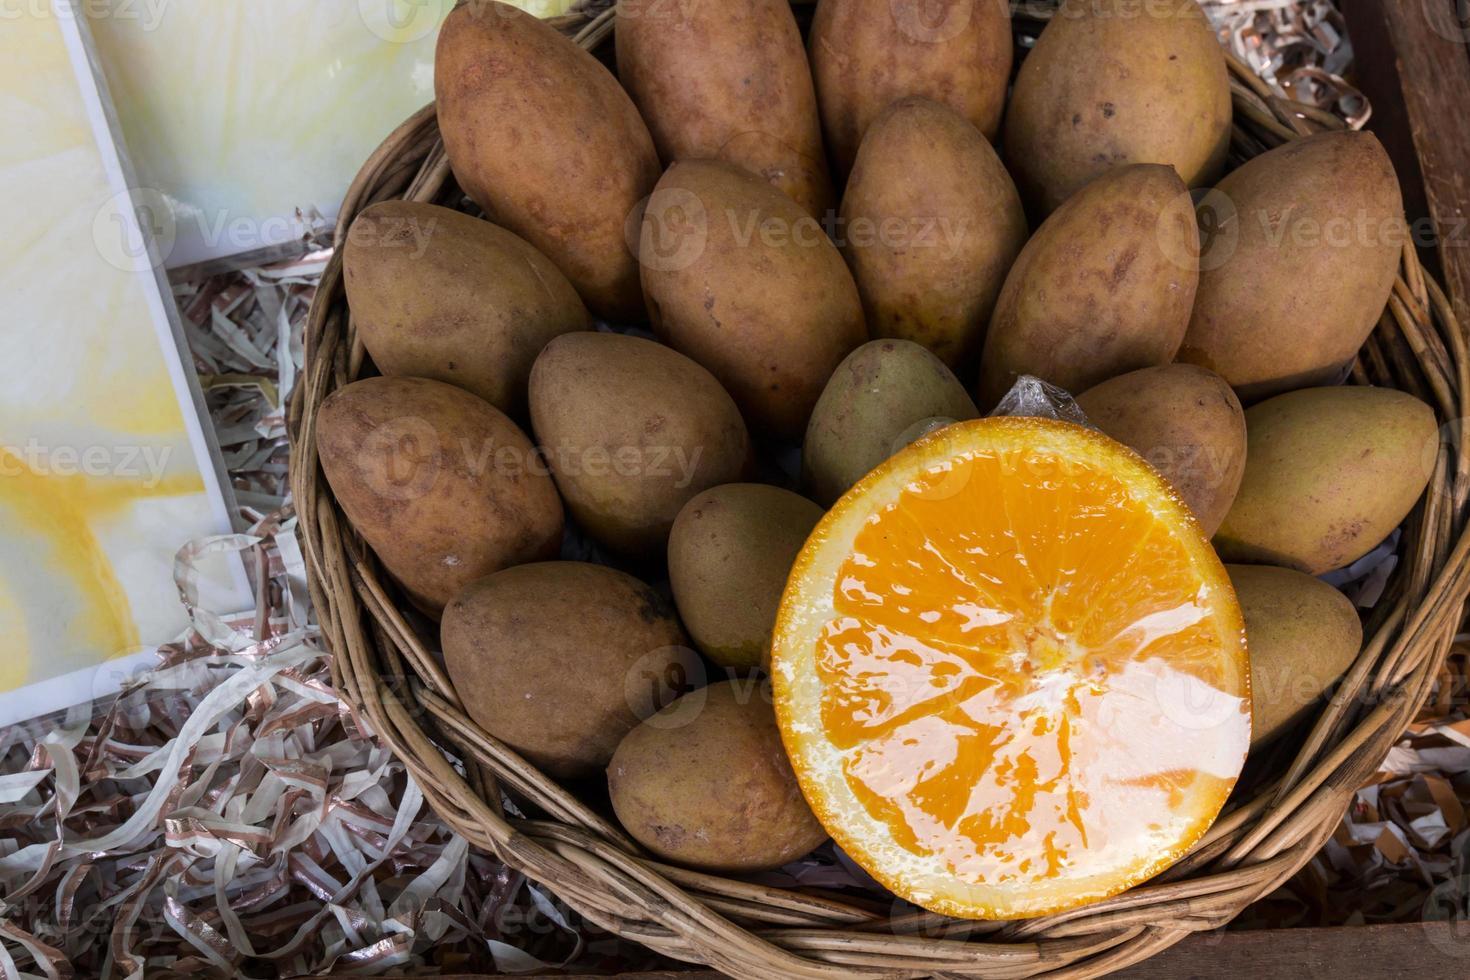 prunes de sapotille et orange dans un panier photo